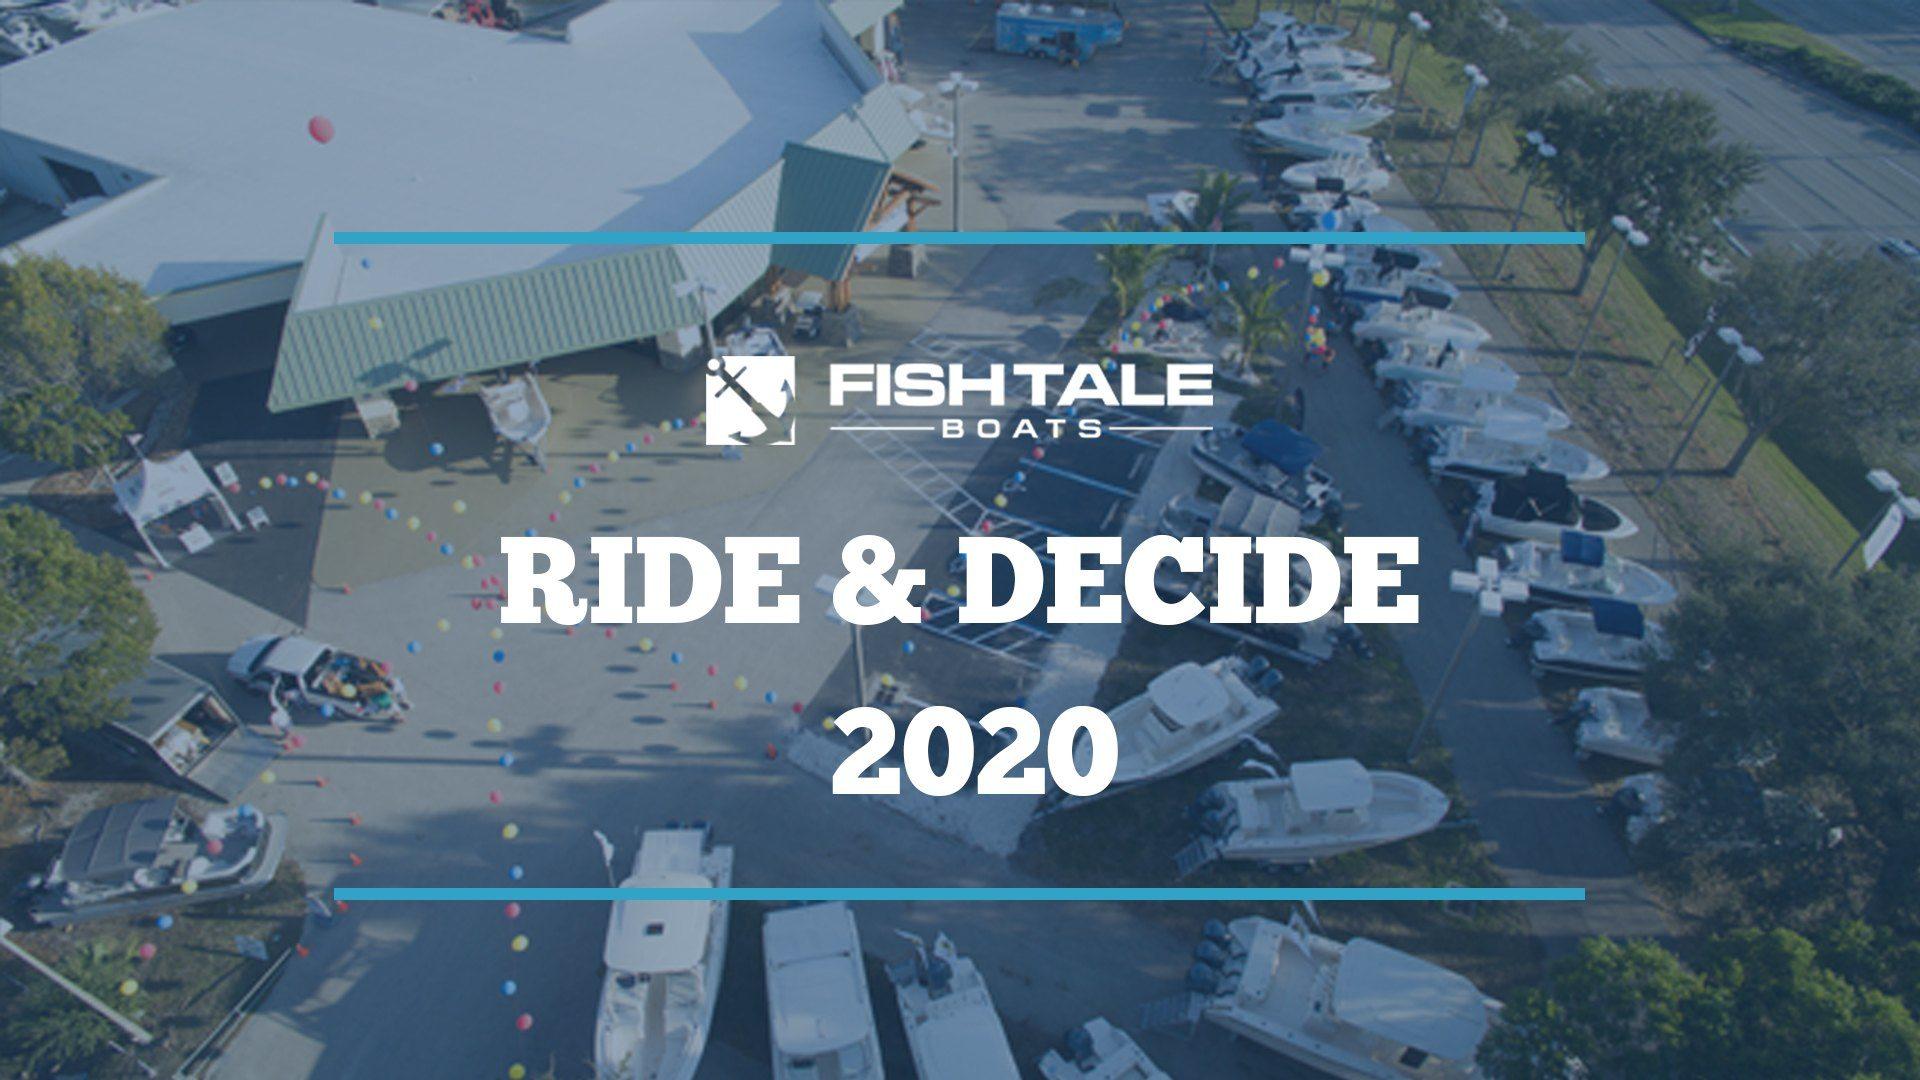 Ride and Decide 2020 - FishTale Boats